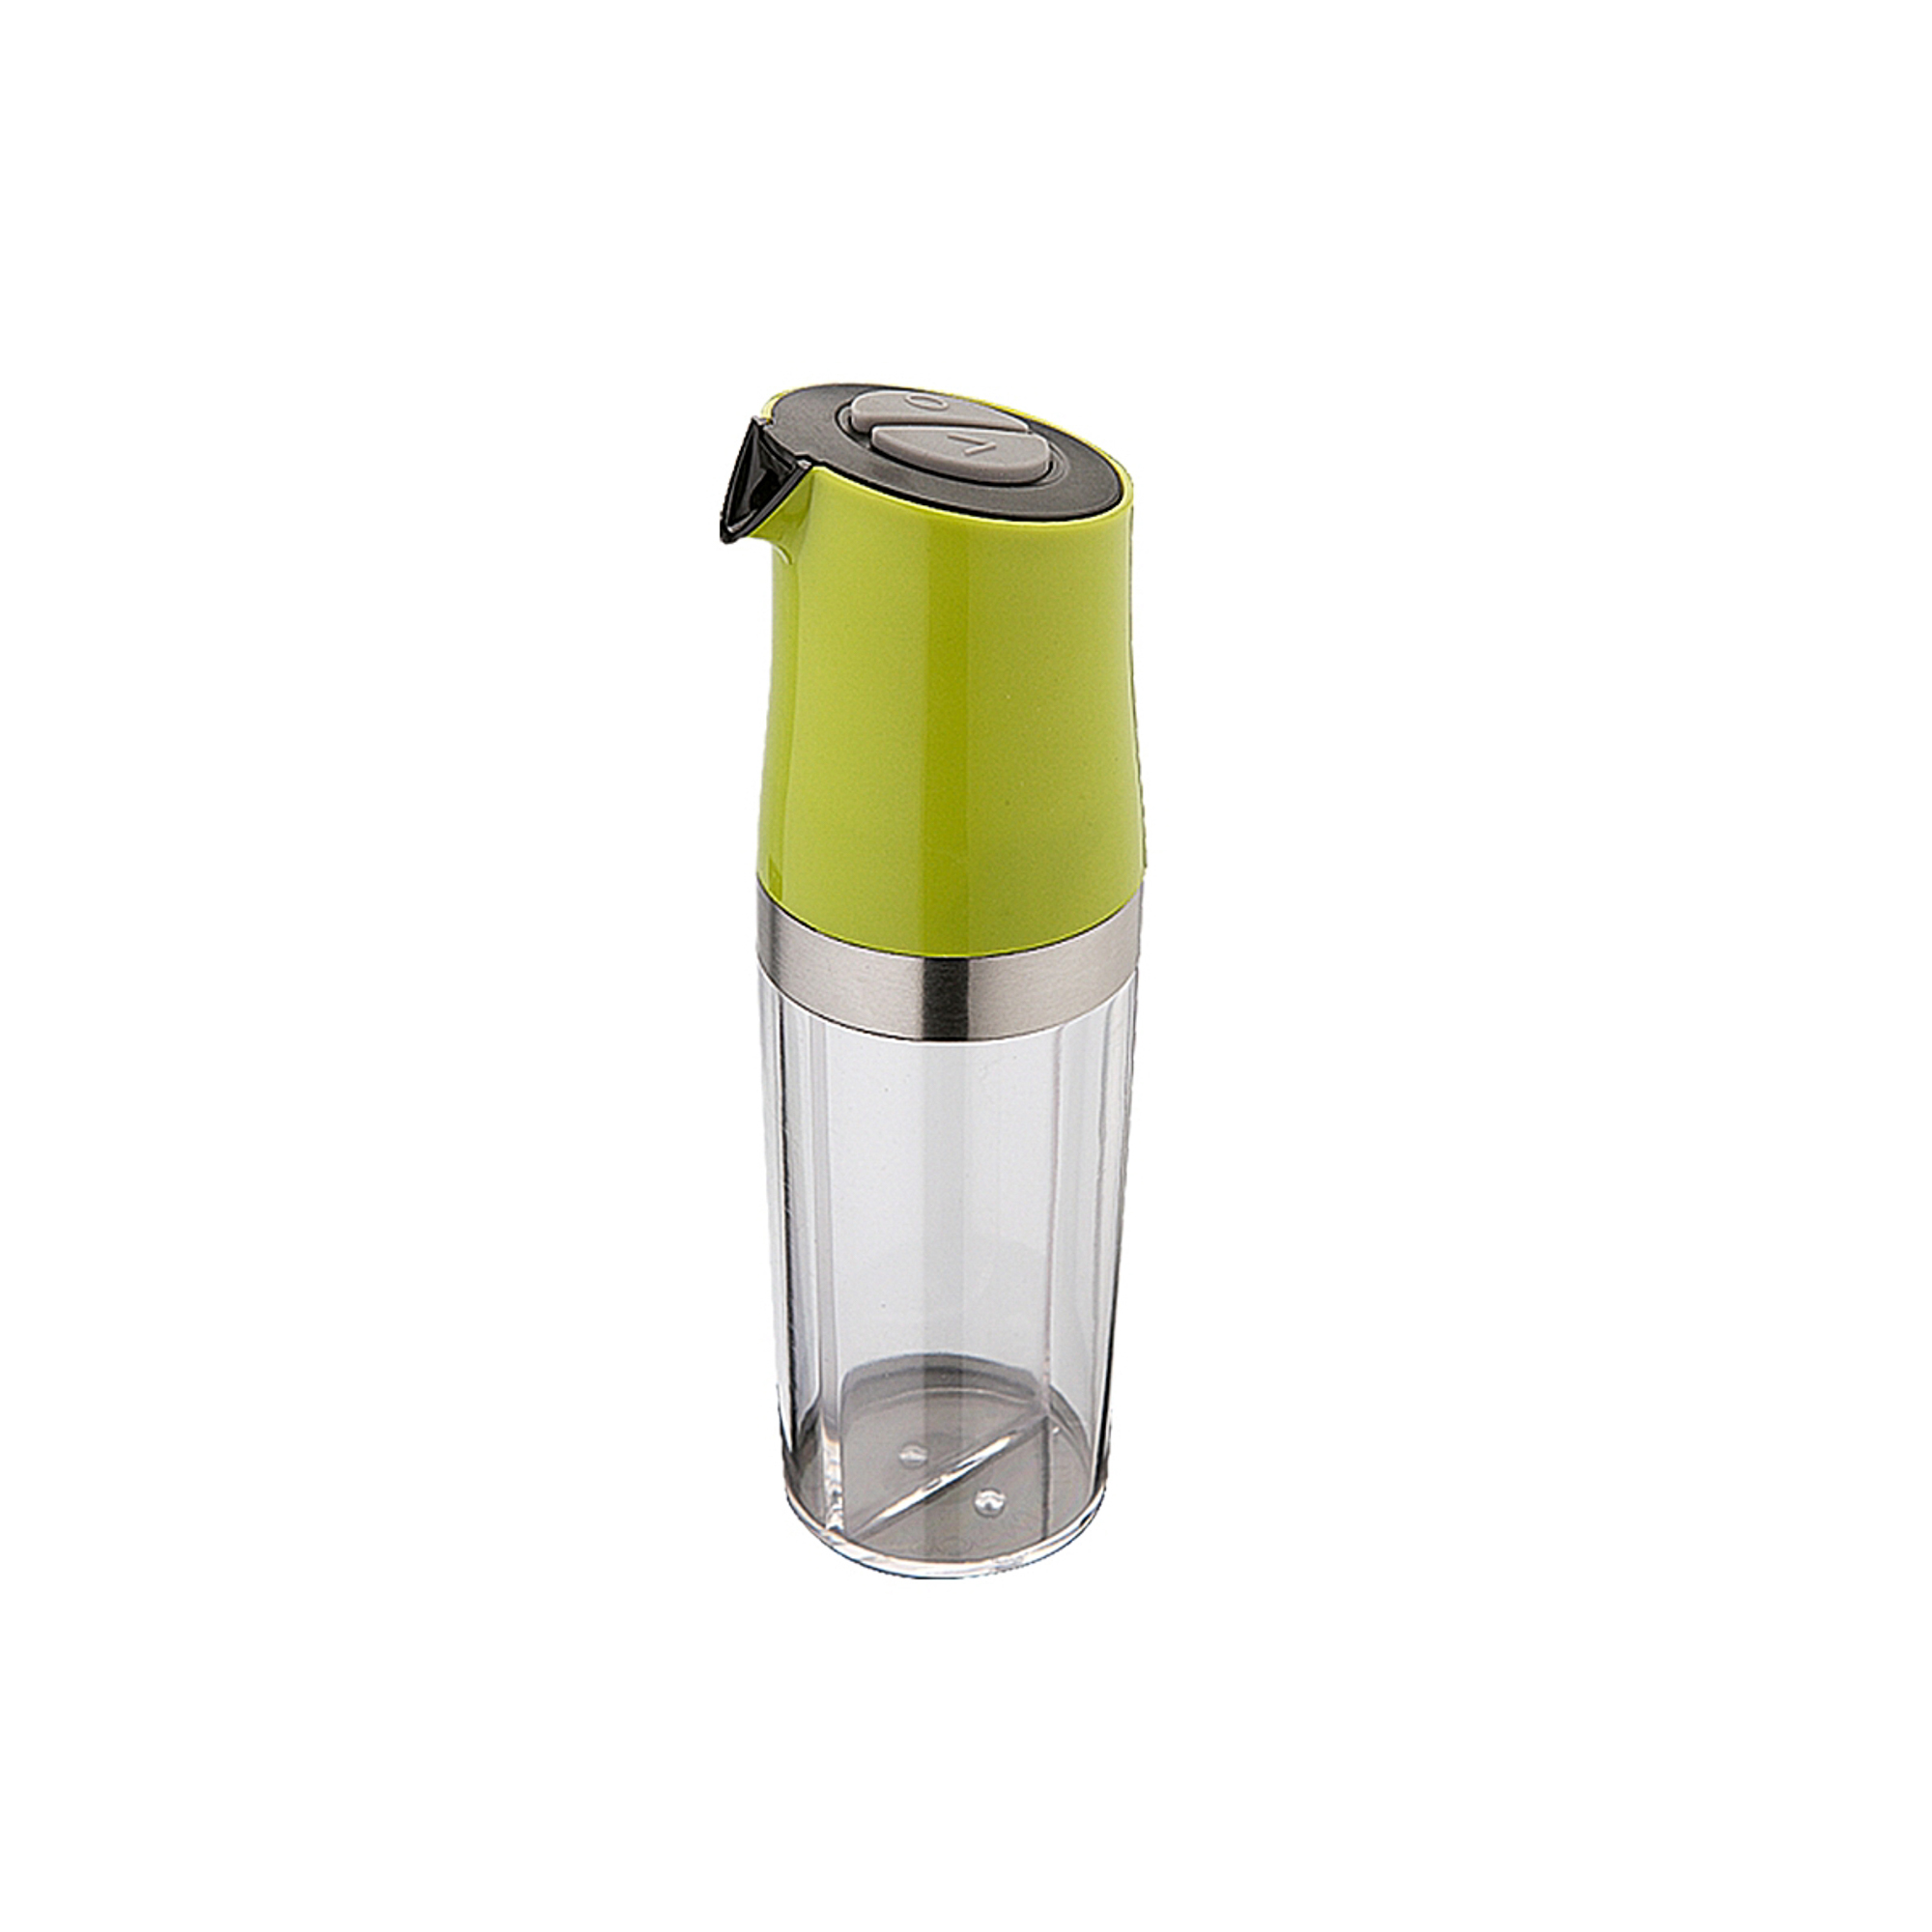 Дозатор для масла и уксуса 2 в 1 Dekok (SJ-50)